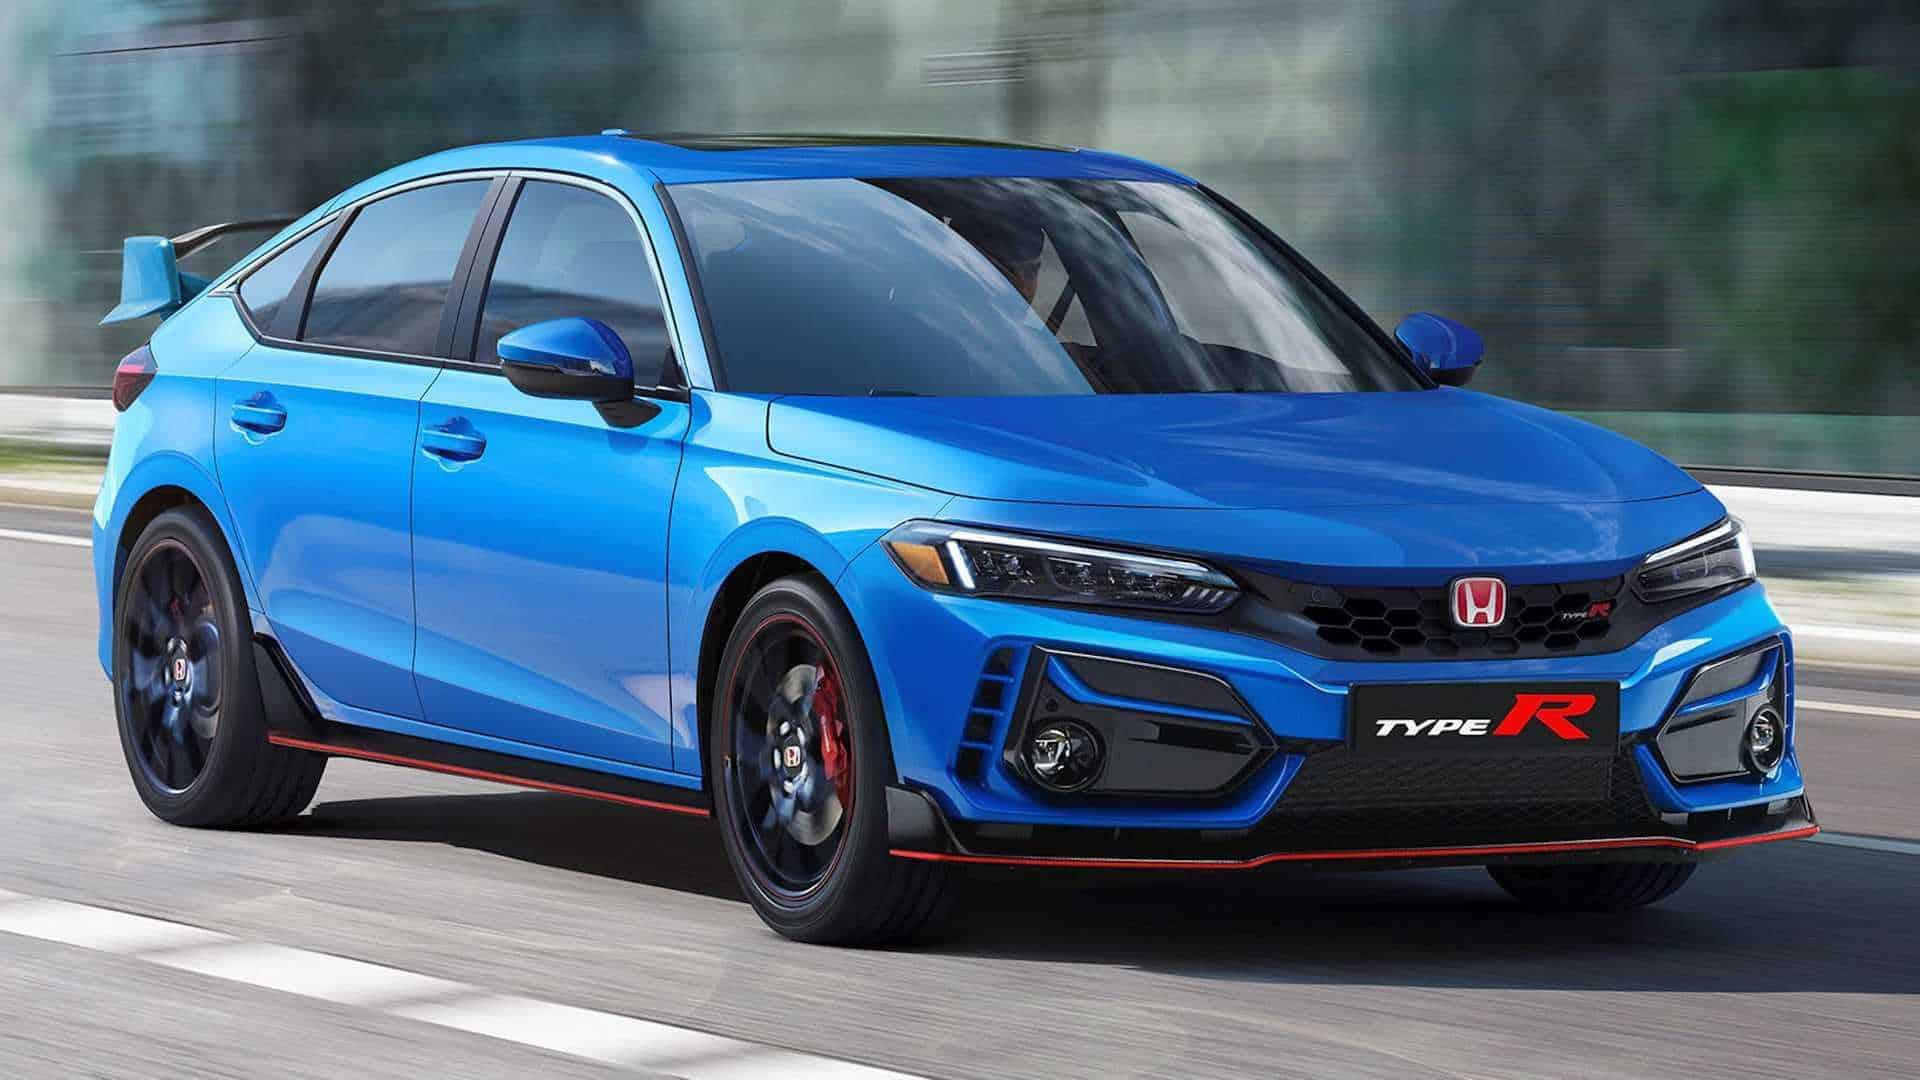 Cận cảnh Honda Civic Type R 2023 phía sau lớp vỏ ngụy trang bí ẩn